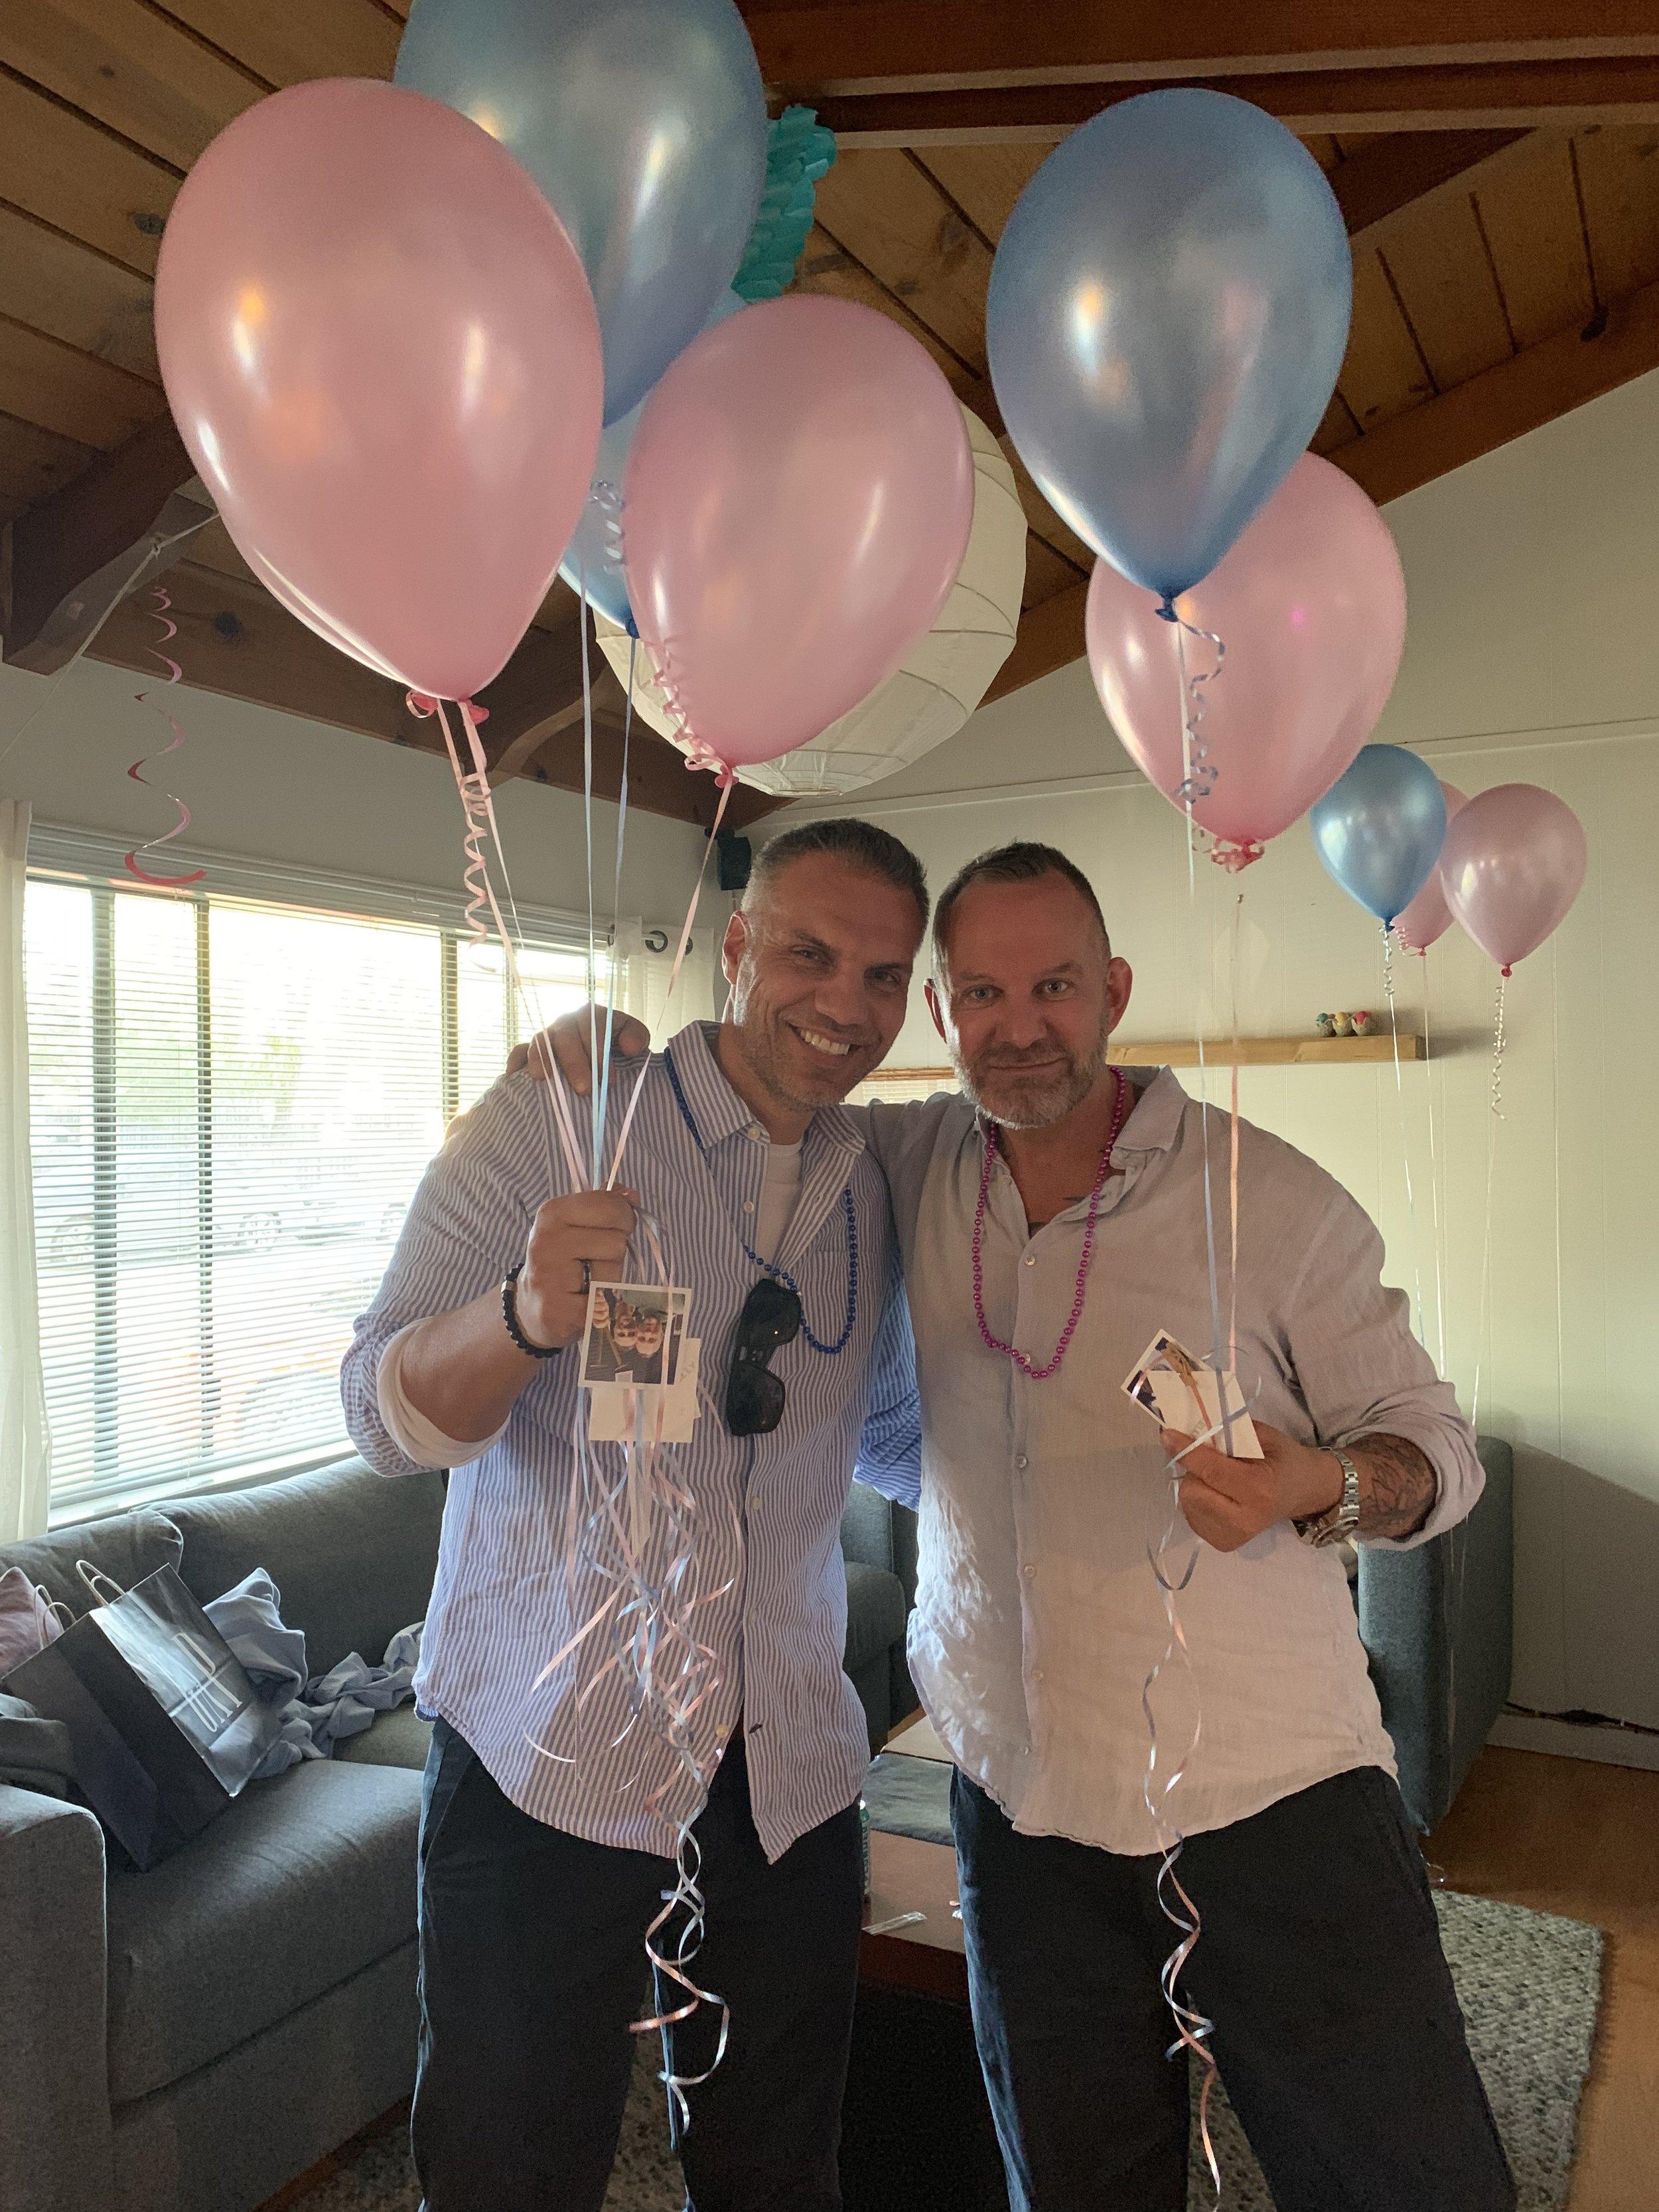 PYNTET HUS: Ballonger med bilder og tekstmeldinger vi hadde utvekslet hang rundt i hele huset.